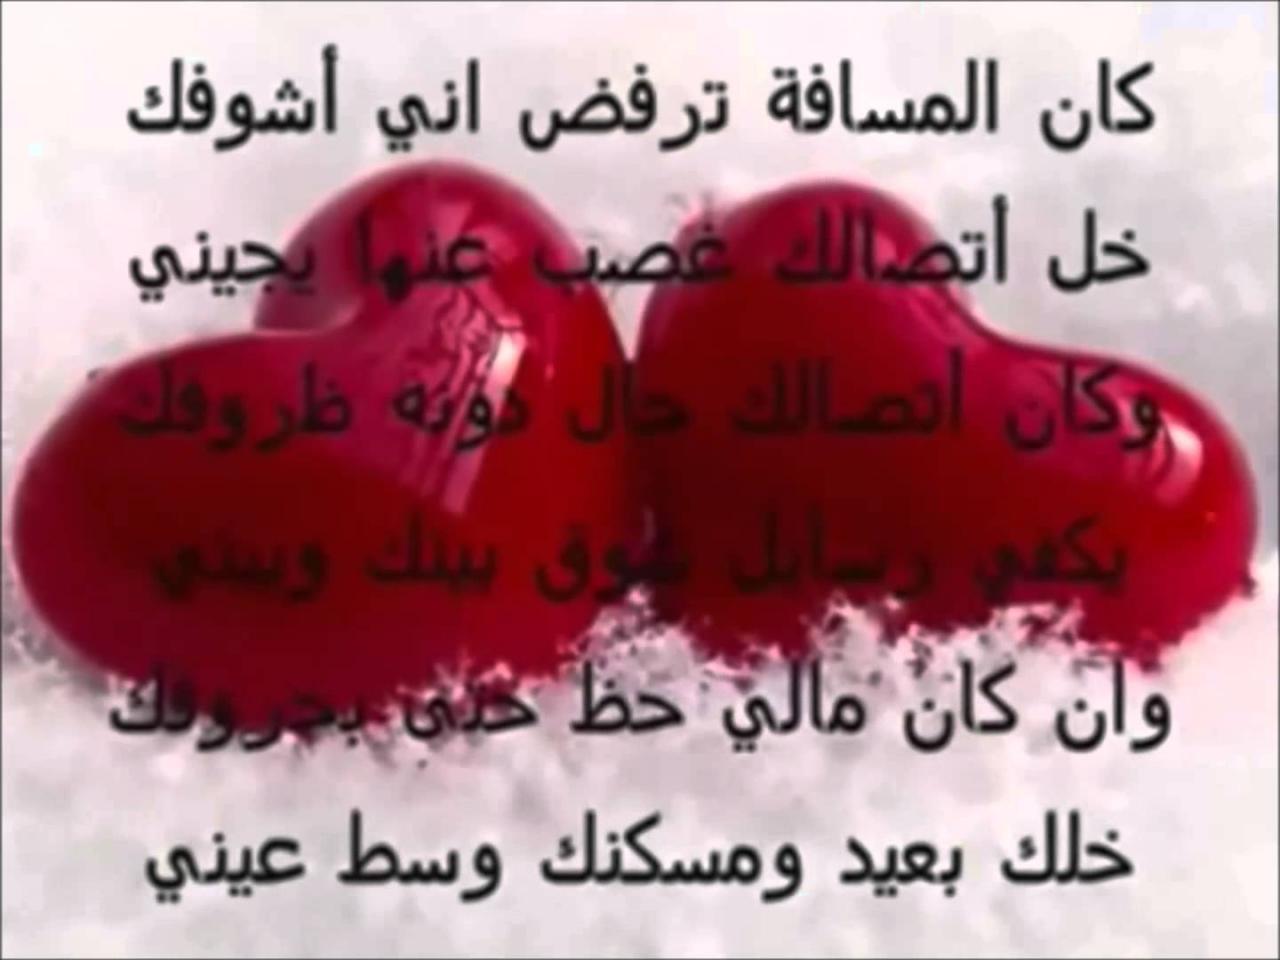 بالصور مسجات حب وغرام للحبيب , غرميات محبه وعشق ولهفه للحبيب 2323 7